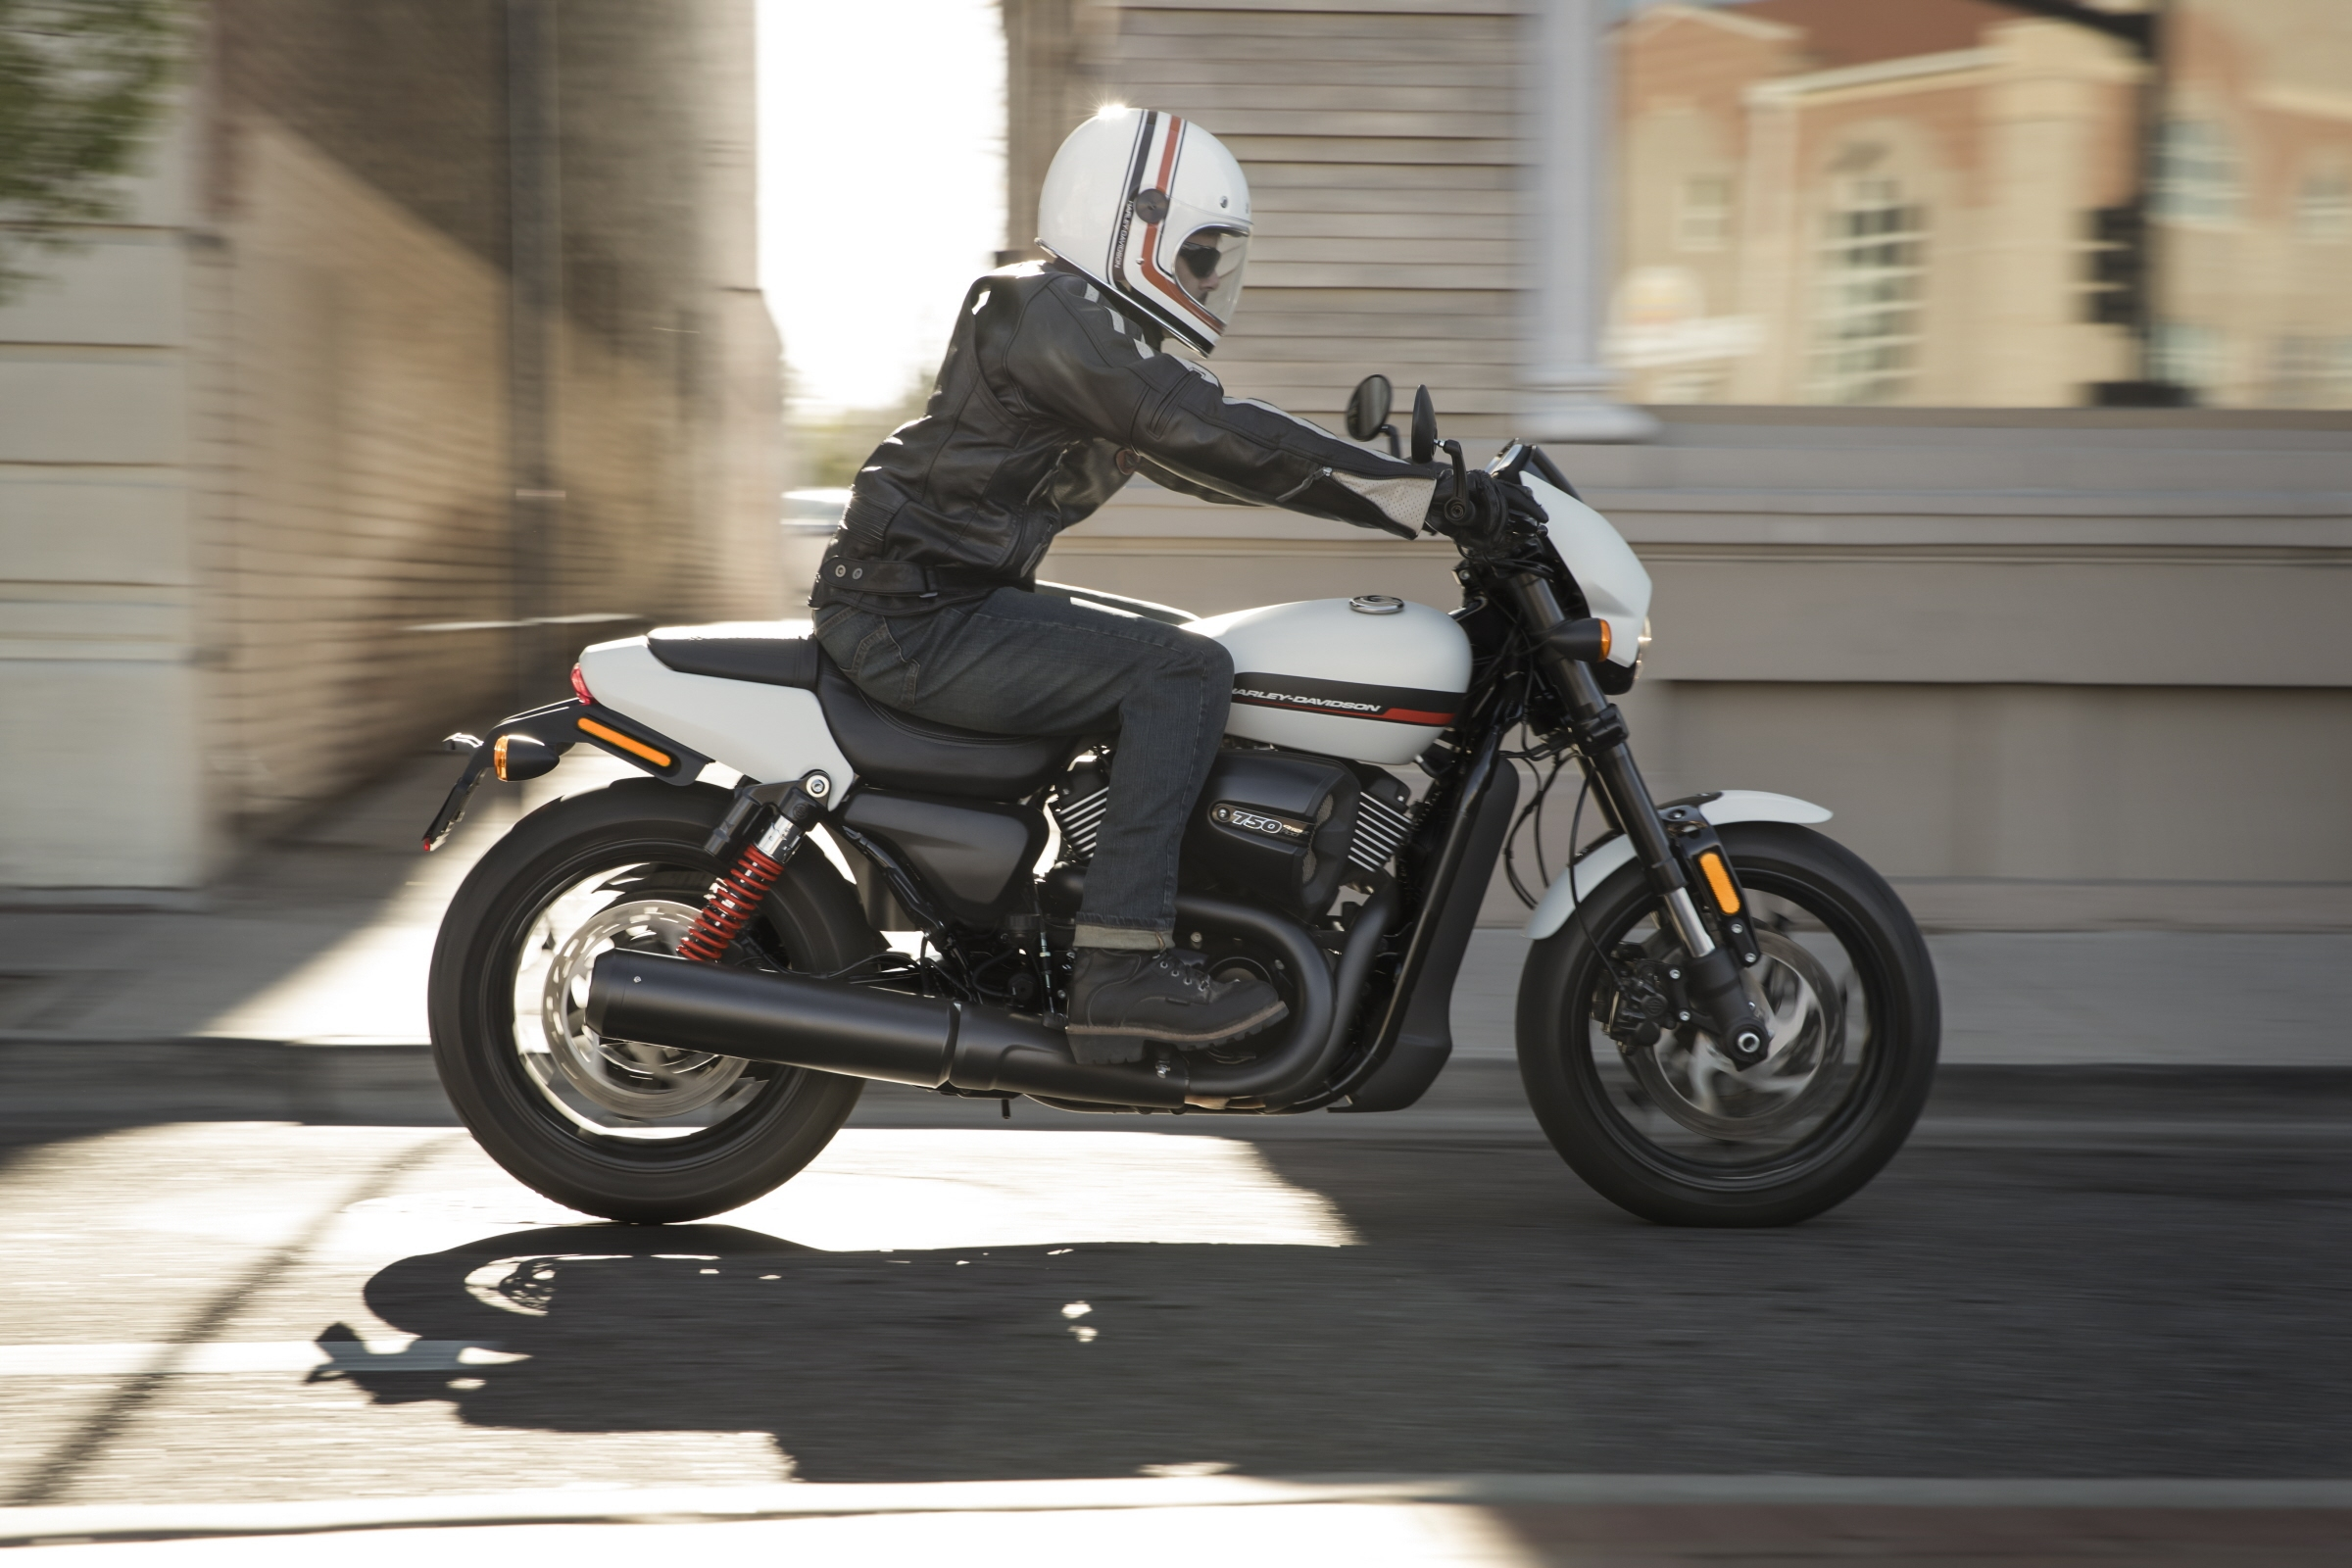 Една от петте дългосрочни стратегически цели на Harley-Davidson е